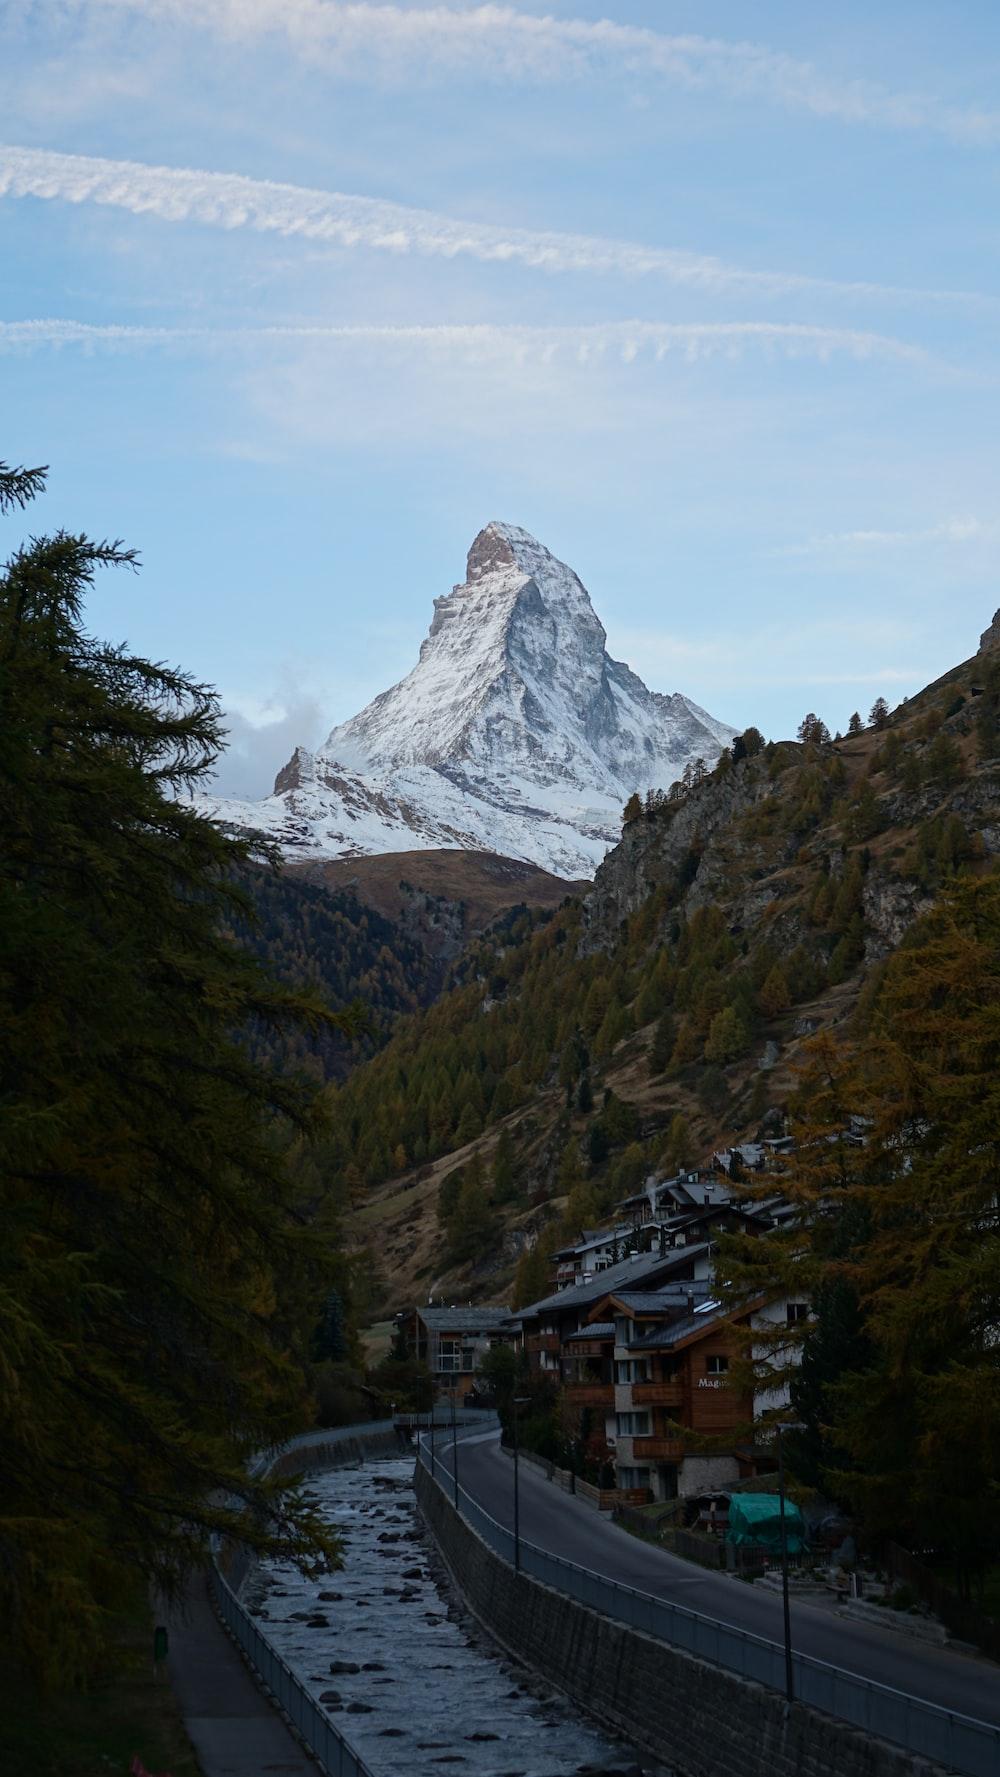 Matterhorn in Europe